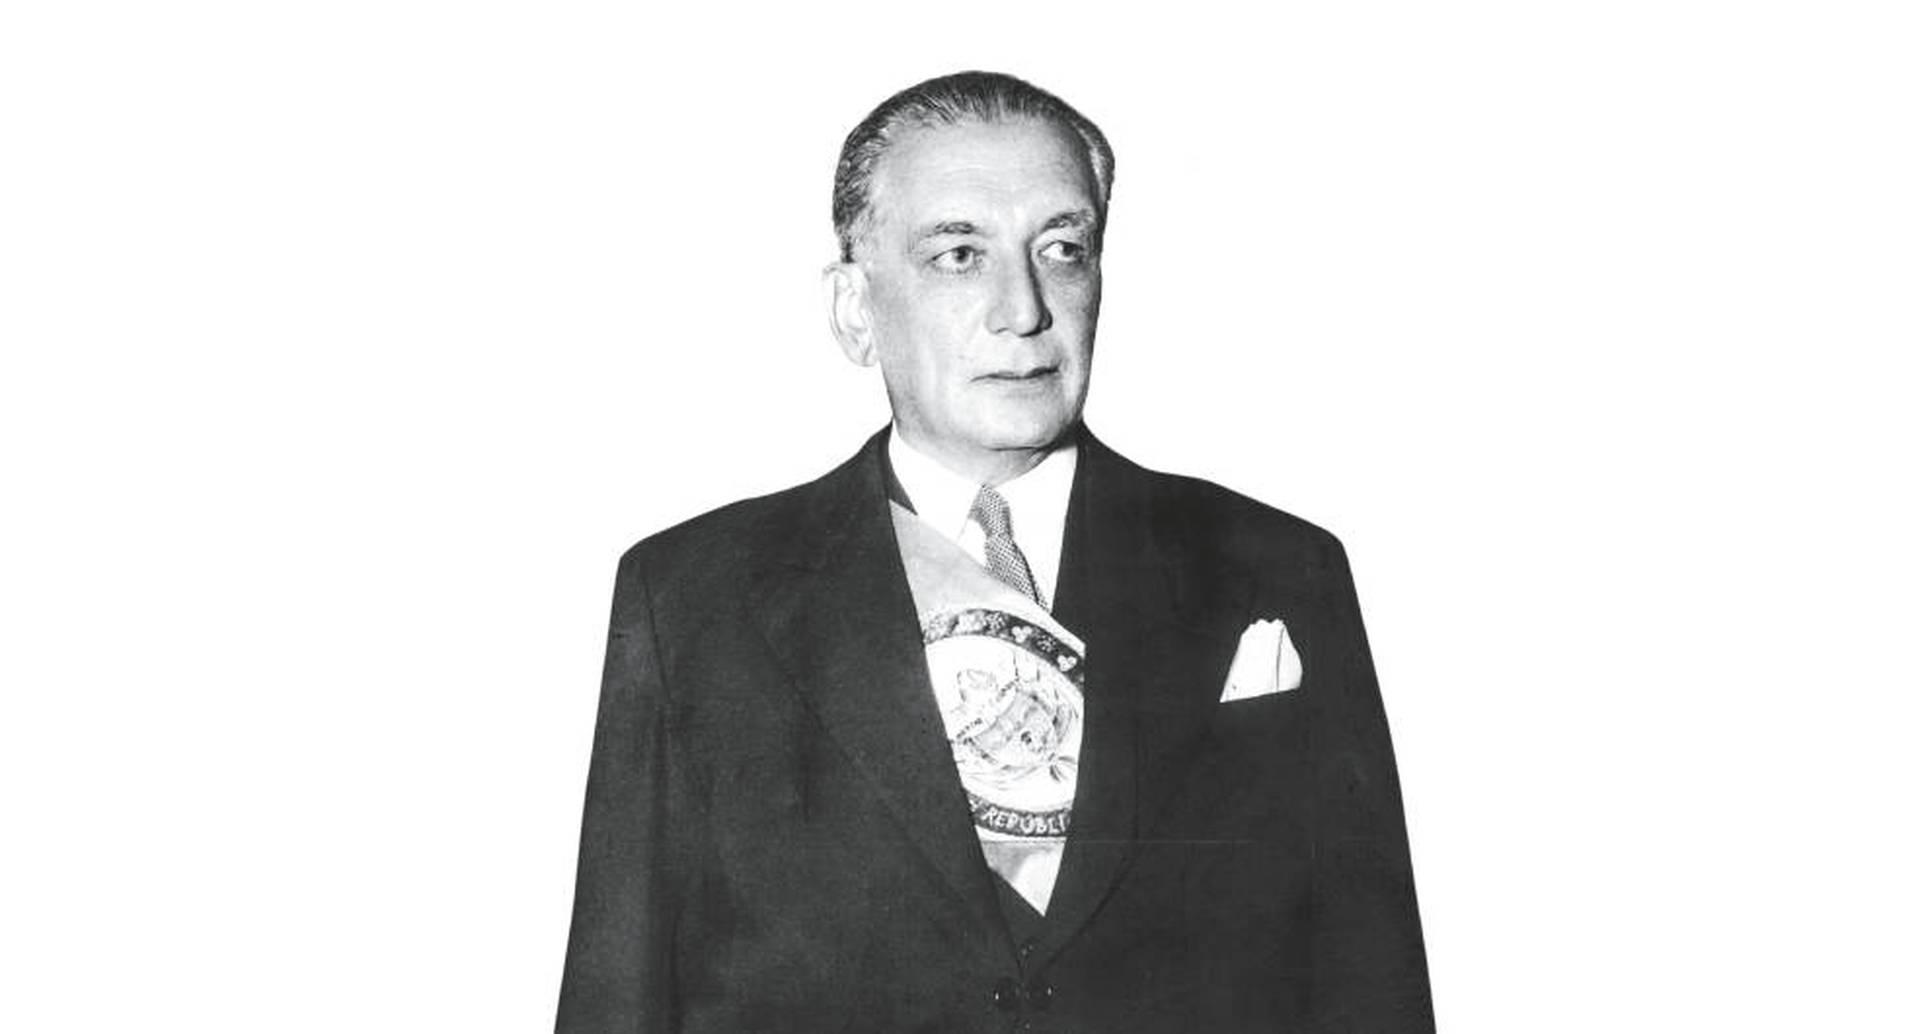 """Dice Alberto Casas en su libro que Laureano Gómez resultó ser el único """"paganini"""" de la lucha entre liberales y conservadores, ya perfeccionado el pacto del Frente Nacional creado por él y Alberto Lleras (1958-1974)."""